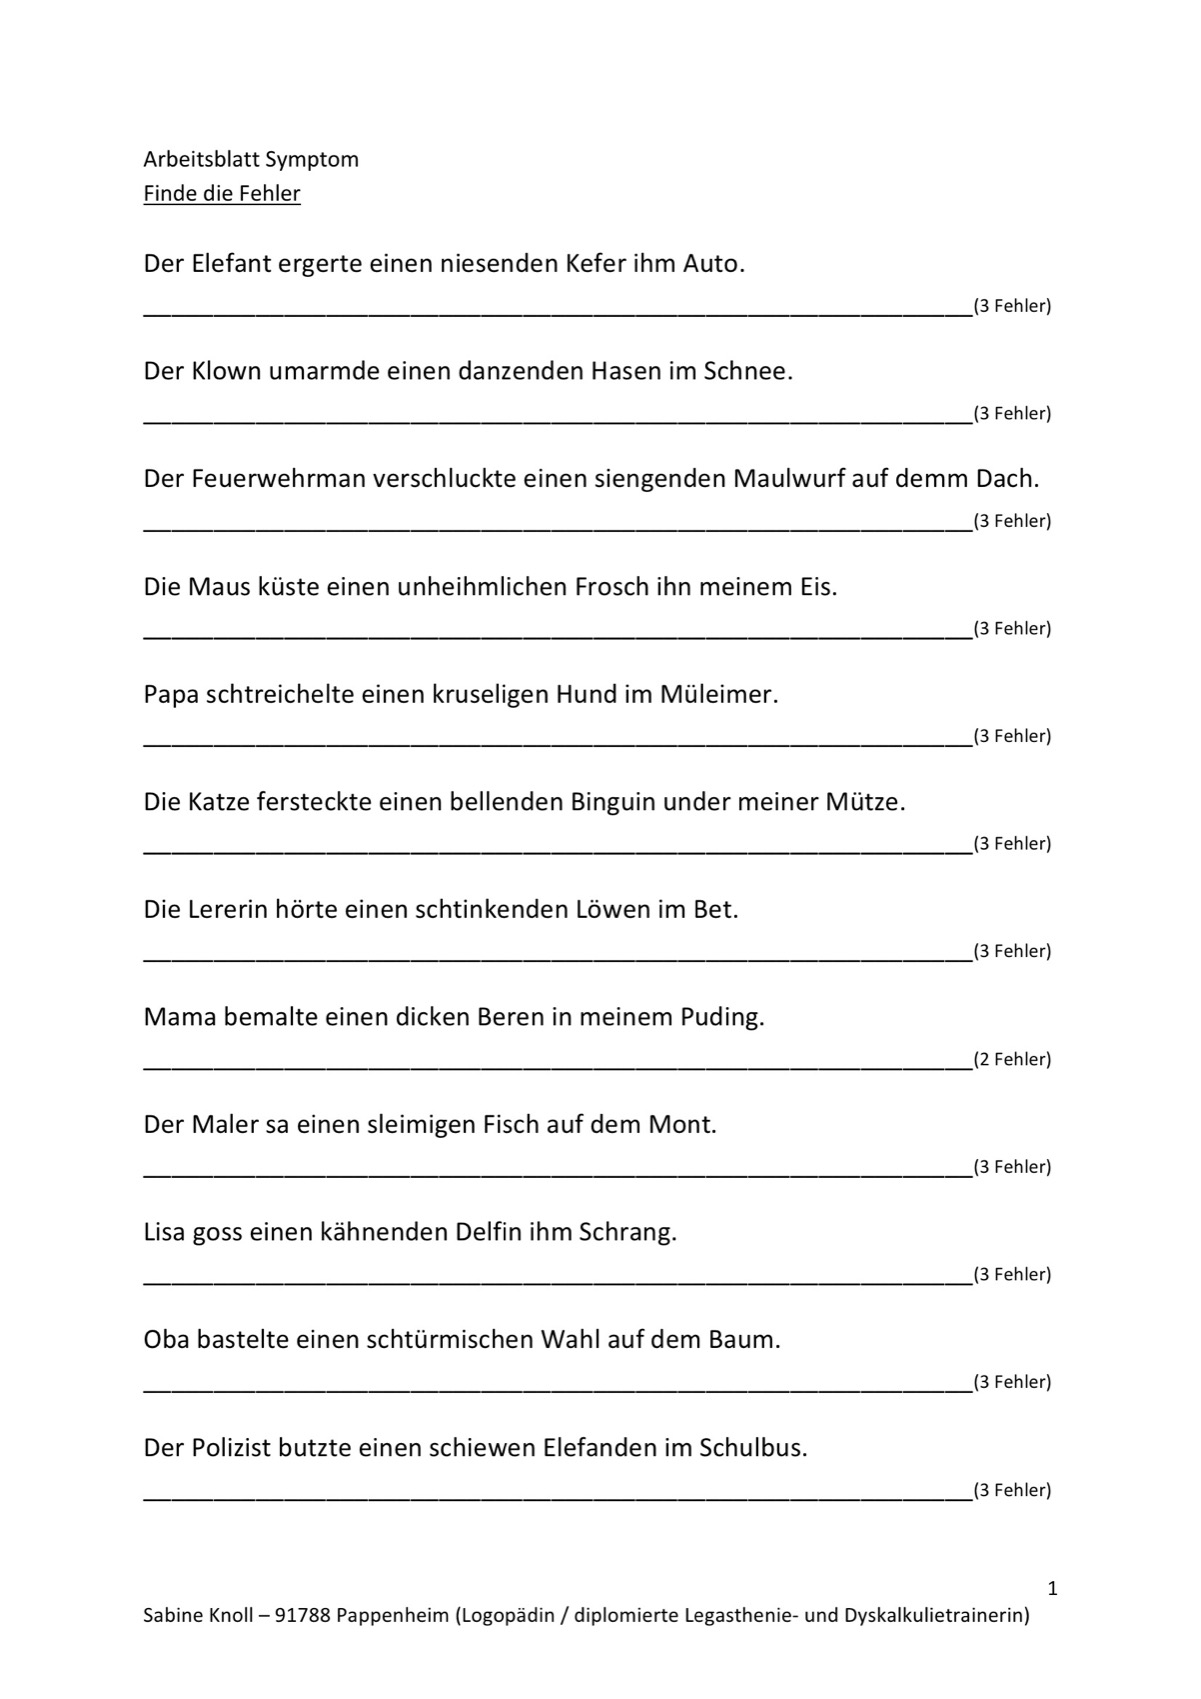 Fehler finden in Quatsch-Sätzen - LRS - madoo.net